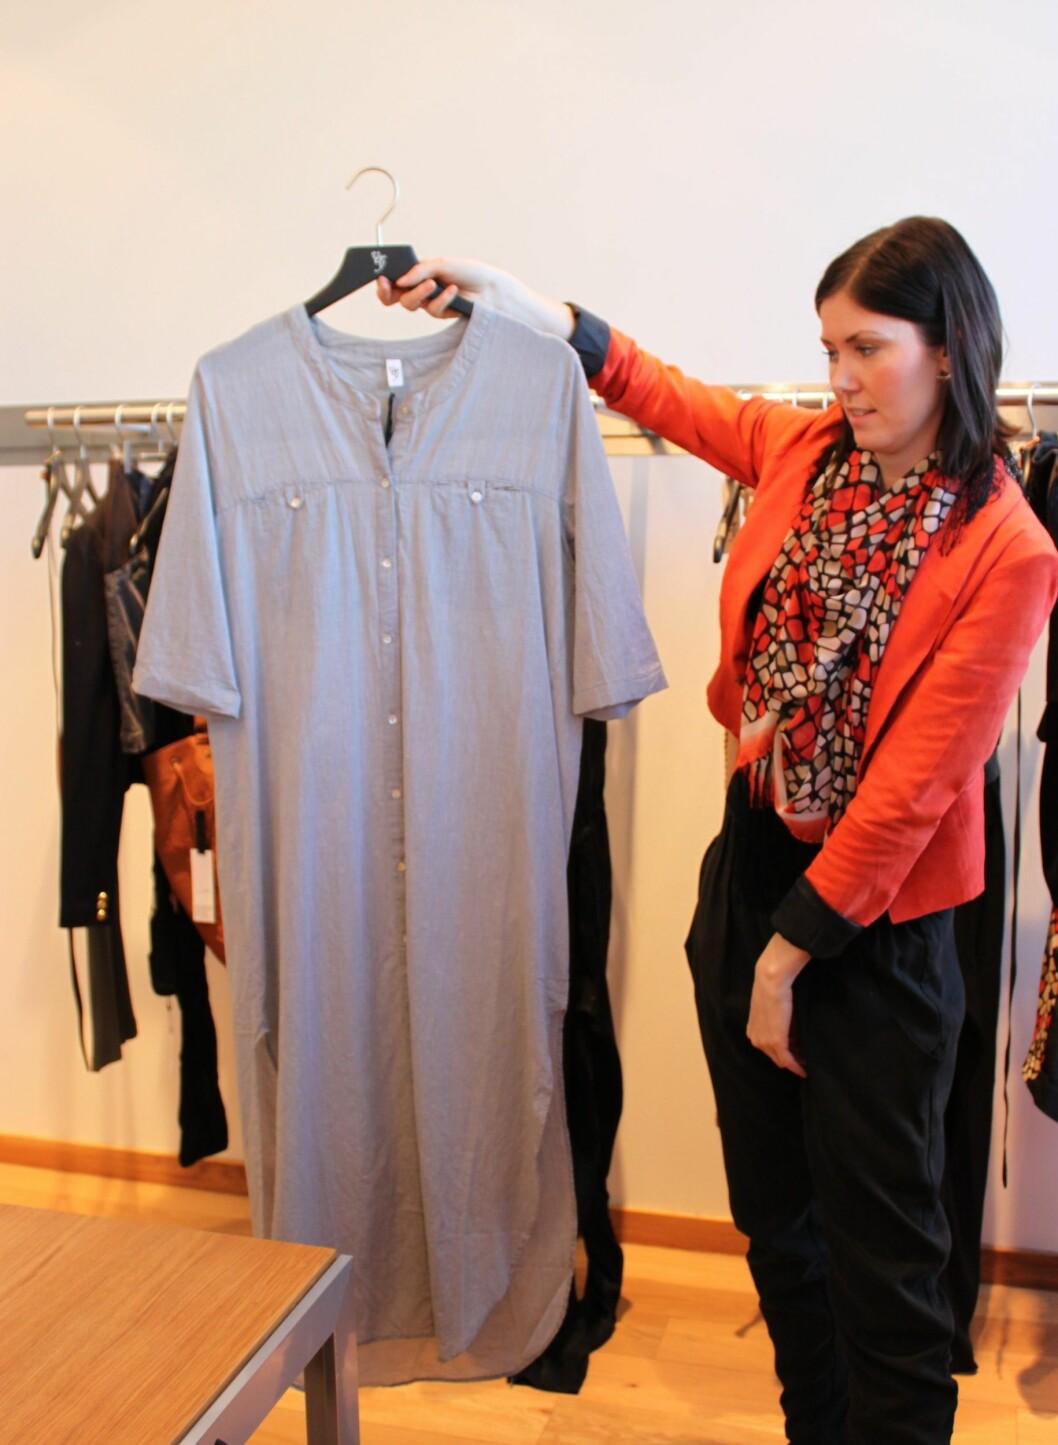 Lang skjortekjole. Bruk gjerne et smalt belte i midjen for å skape mer fasong. Foto: Aina Kristiansen